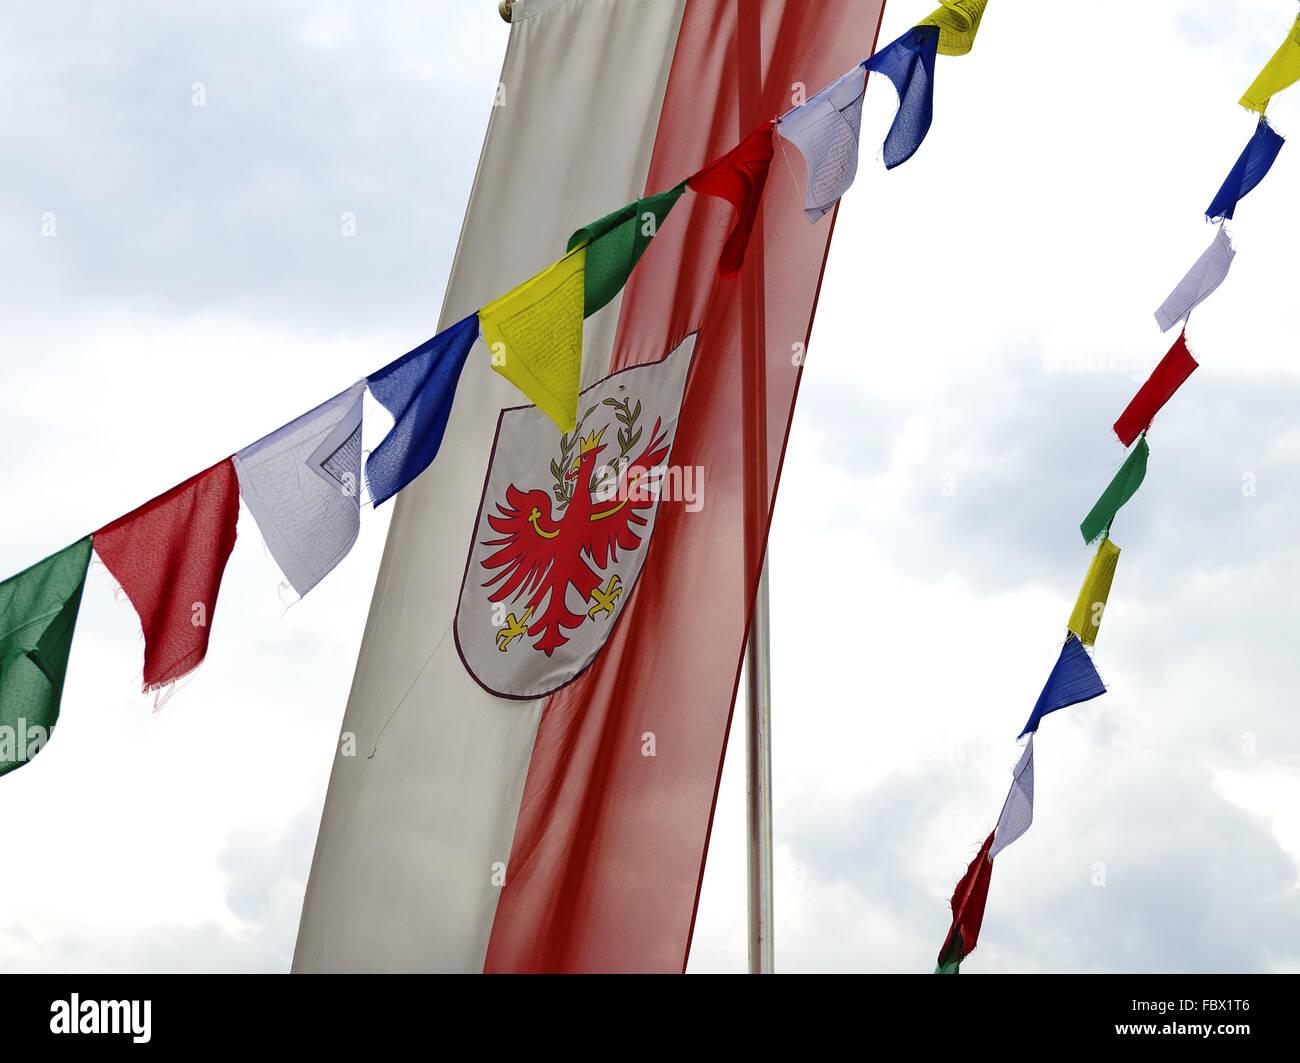 flag of South-Tyrol and  Tibetan prayerflags - Stock Image